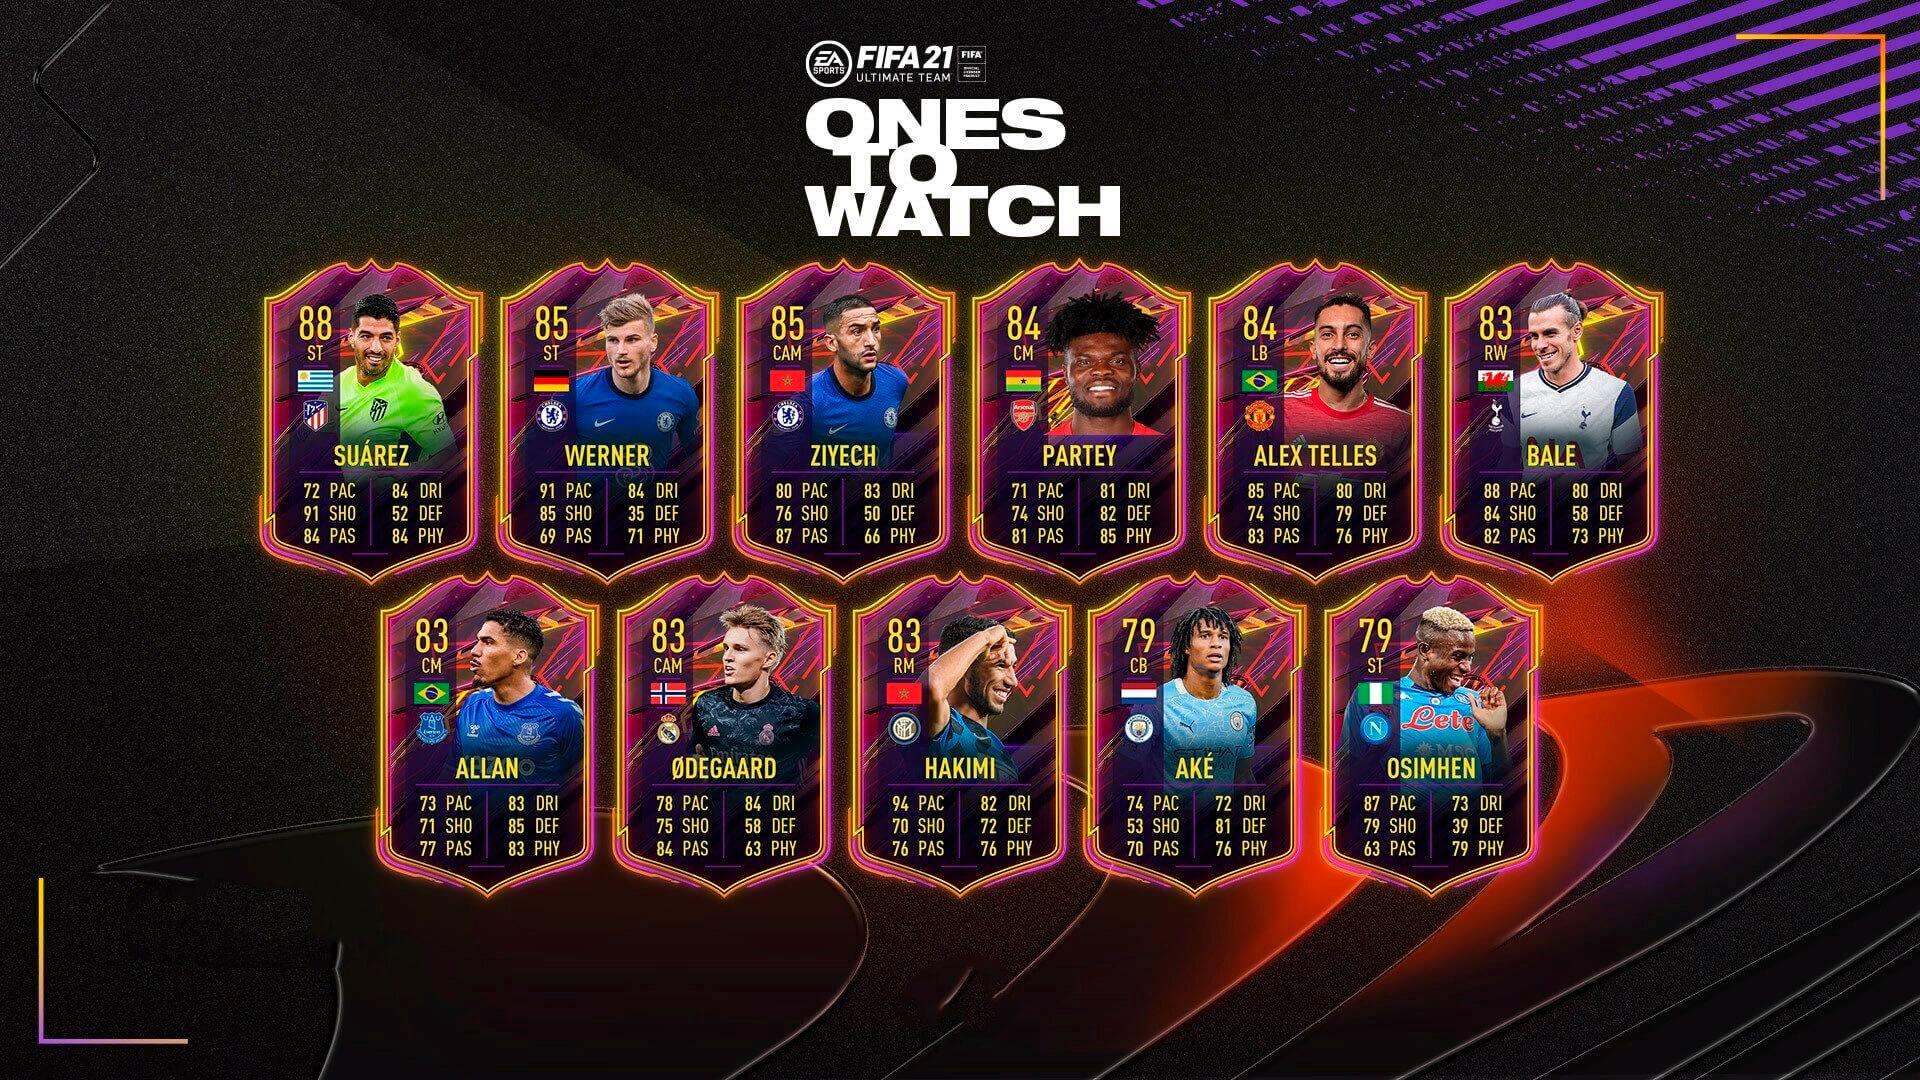 Ones to Watch de FIFA 21